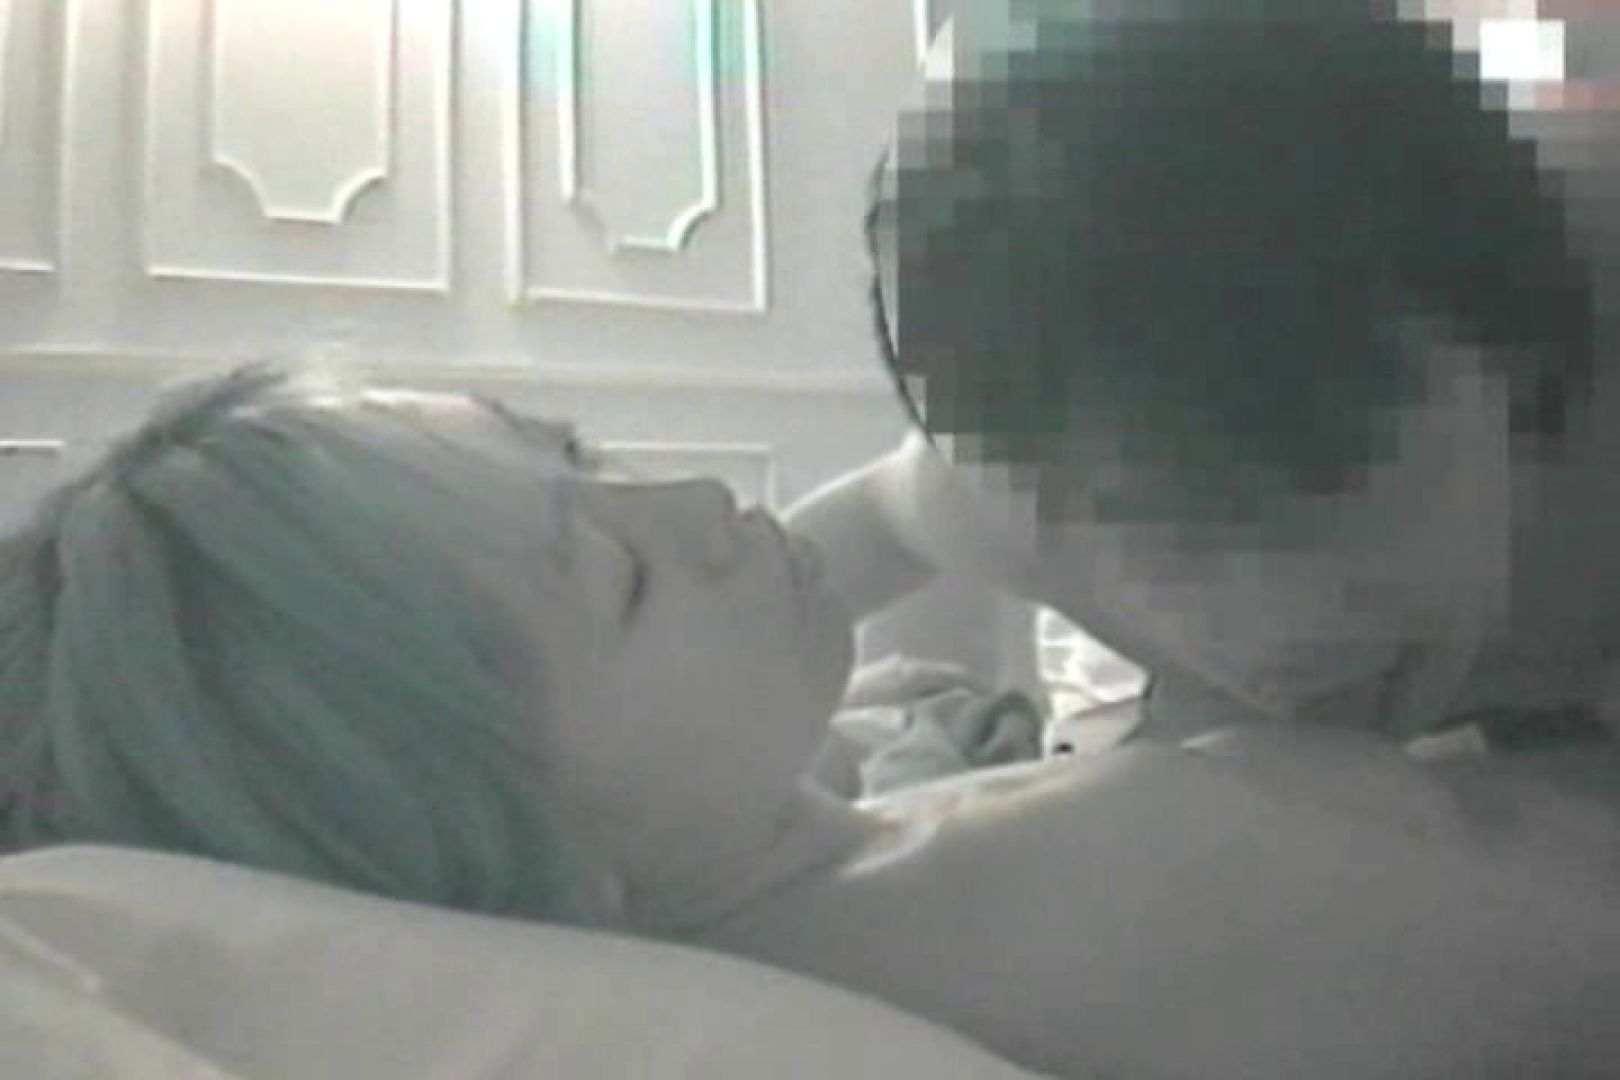 素人嬢をホテルに連れ込みアンナ事・コンナ事!?Vol.2 美女ヌード天国 | ホテル  104PIX 1